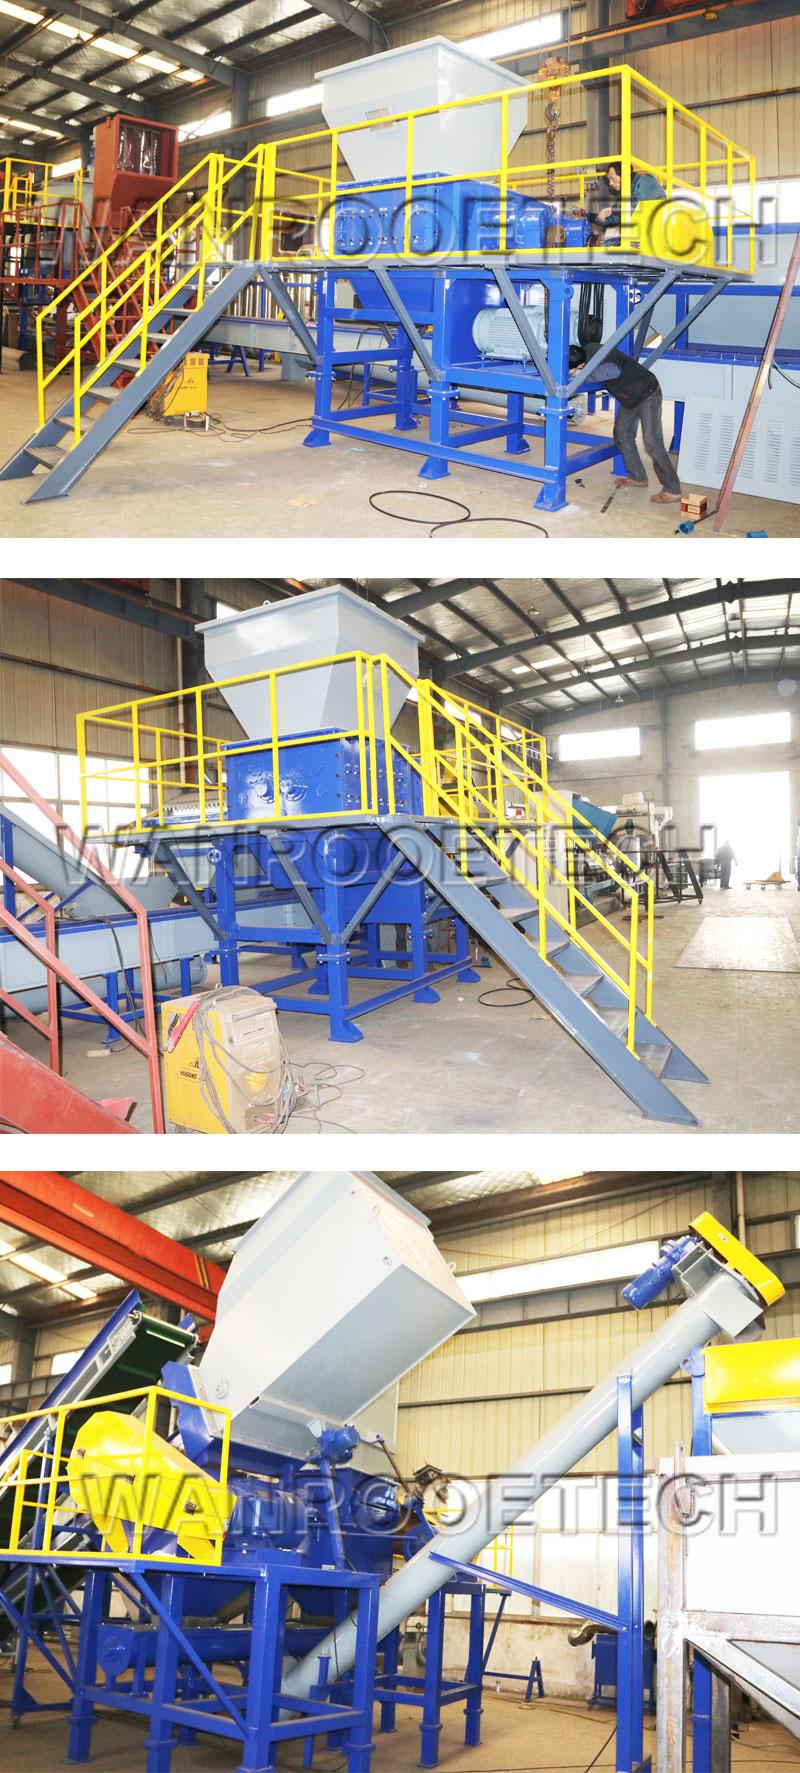 Four Shaft Shredder factory